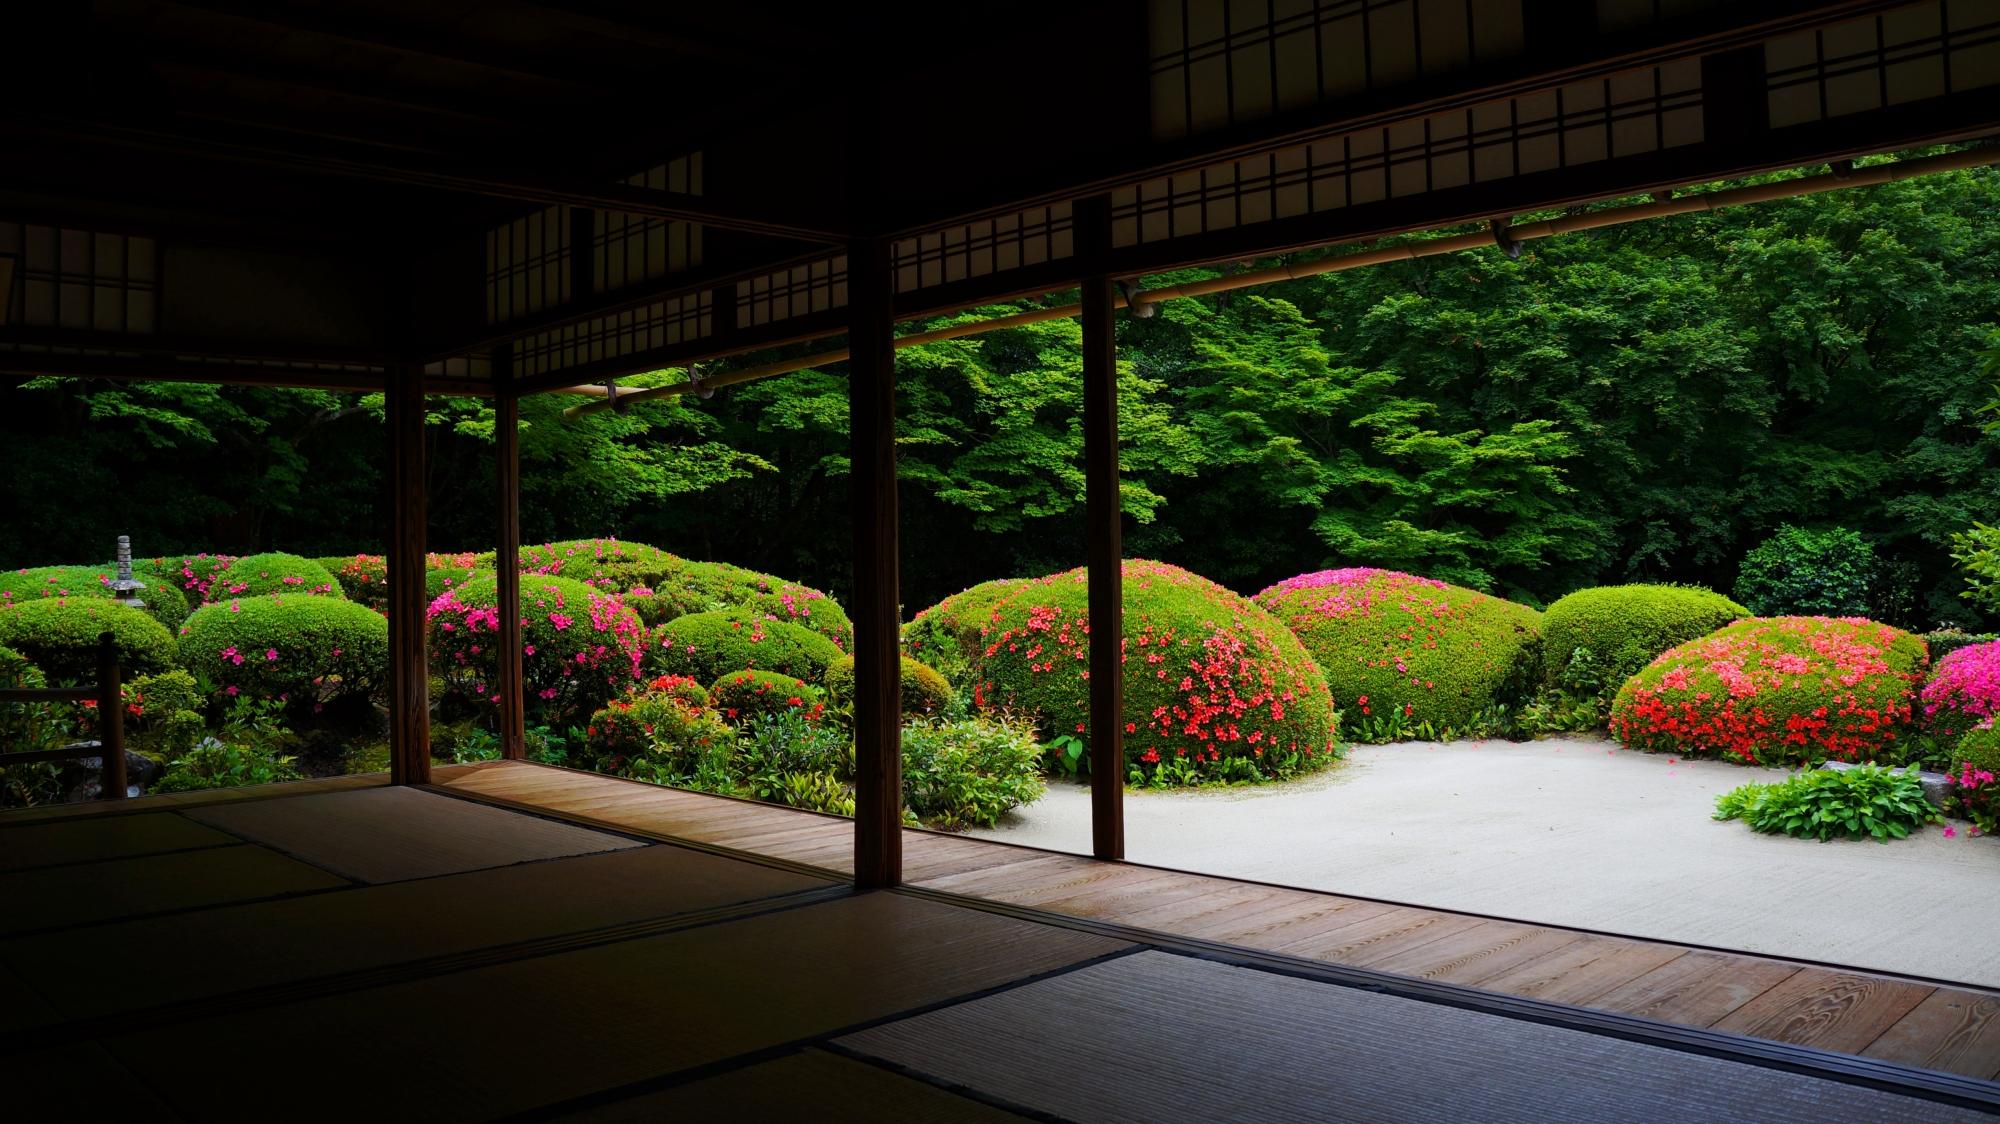 詩仙堂の書院奥から眺めたサツキと緑の庭園